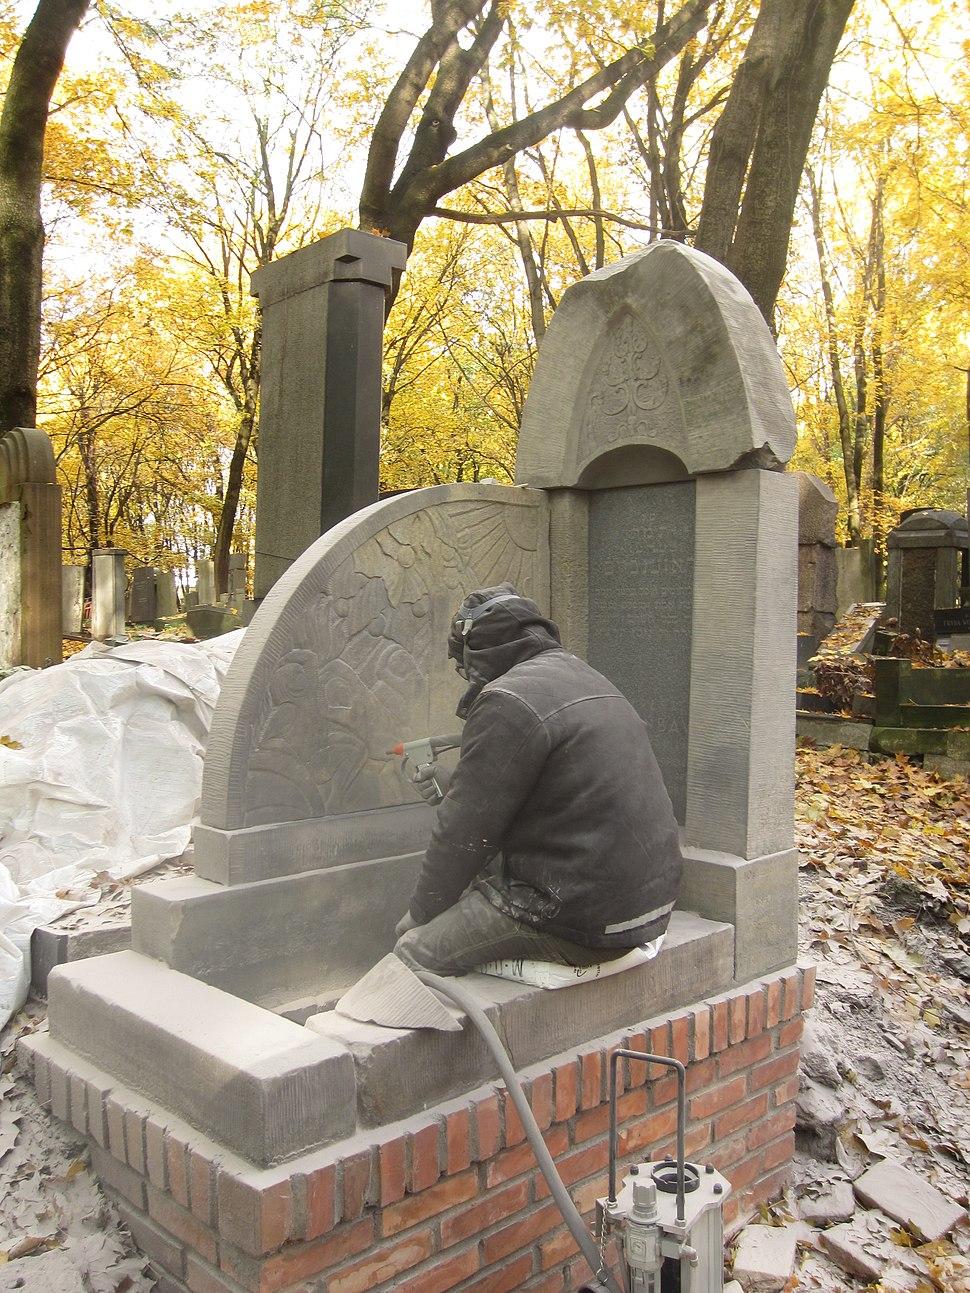 בית הקברות היהודי בוורשה - חידוש מצבה